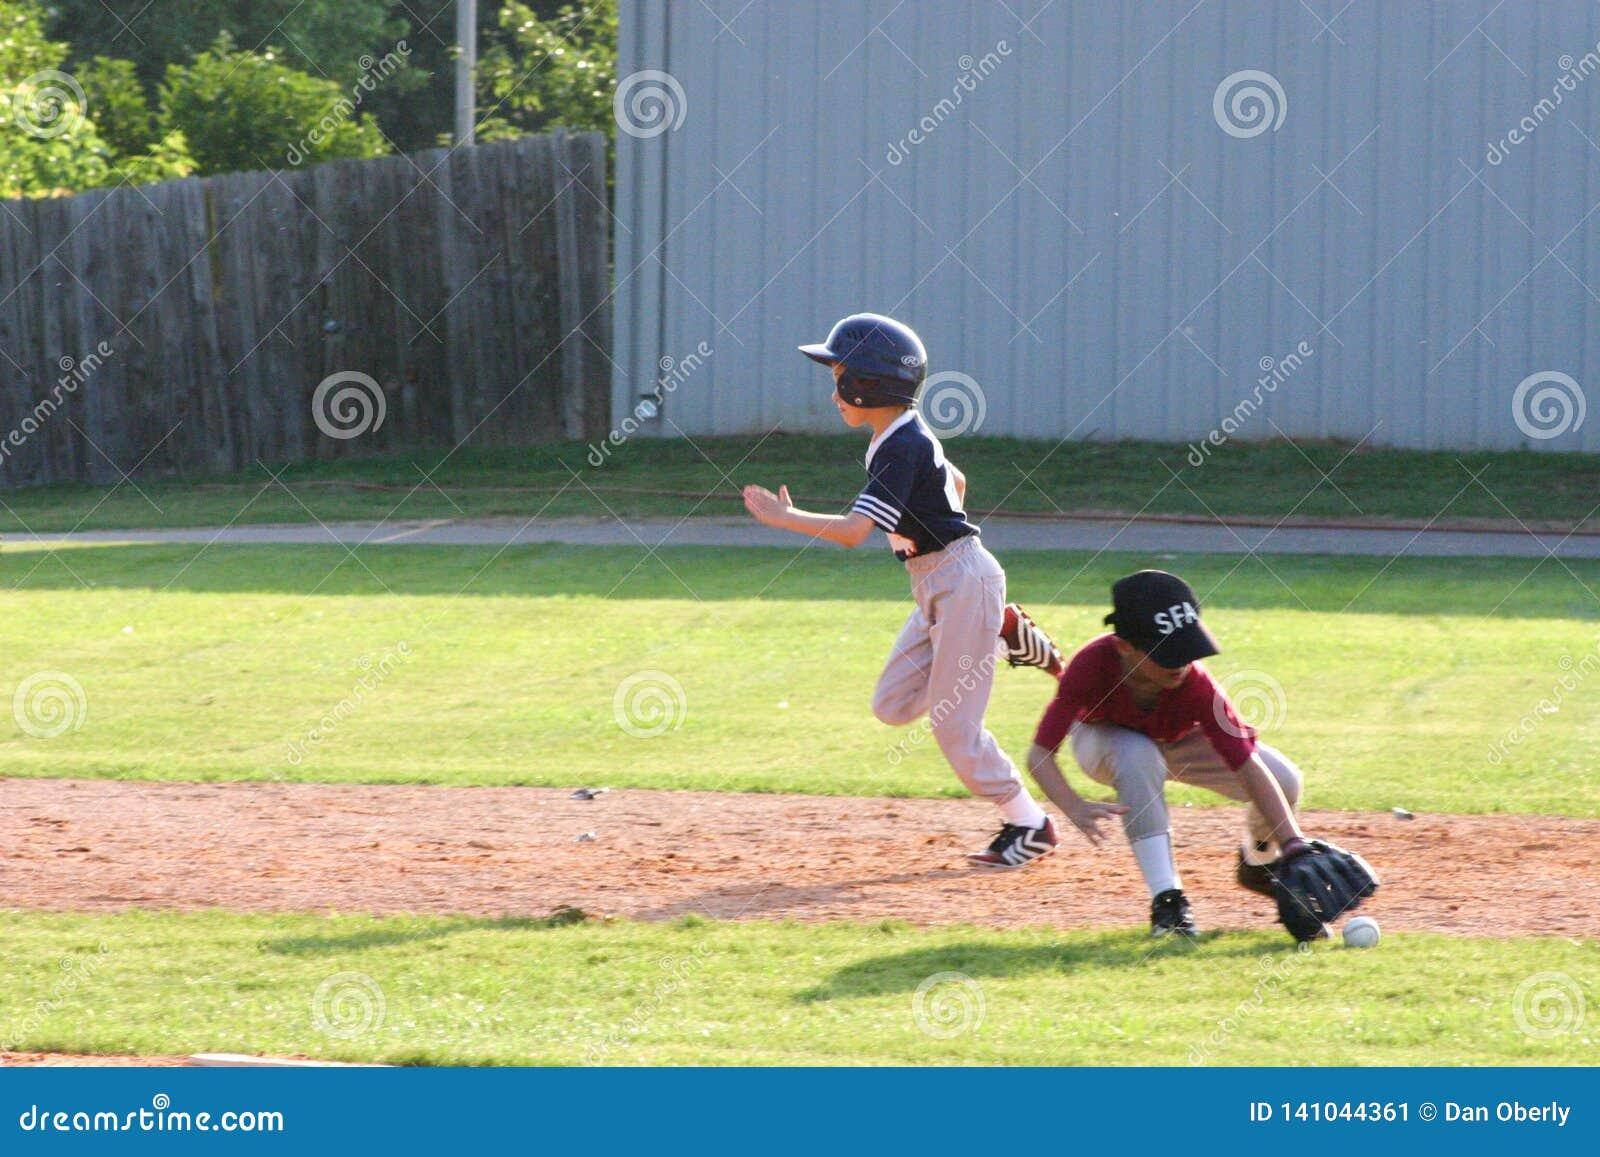 Kleine Liga-Softball-Spielerschläge für Third Base, während zweite Base für Ball erreicht